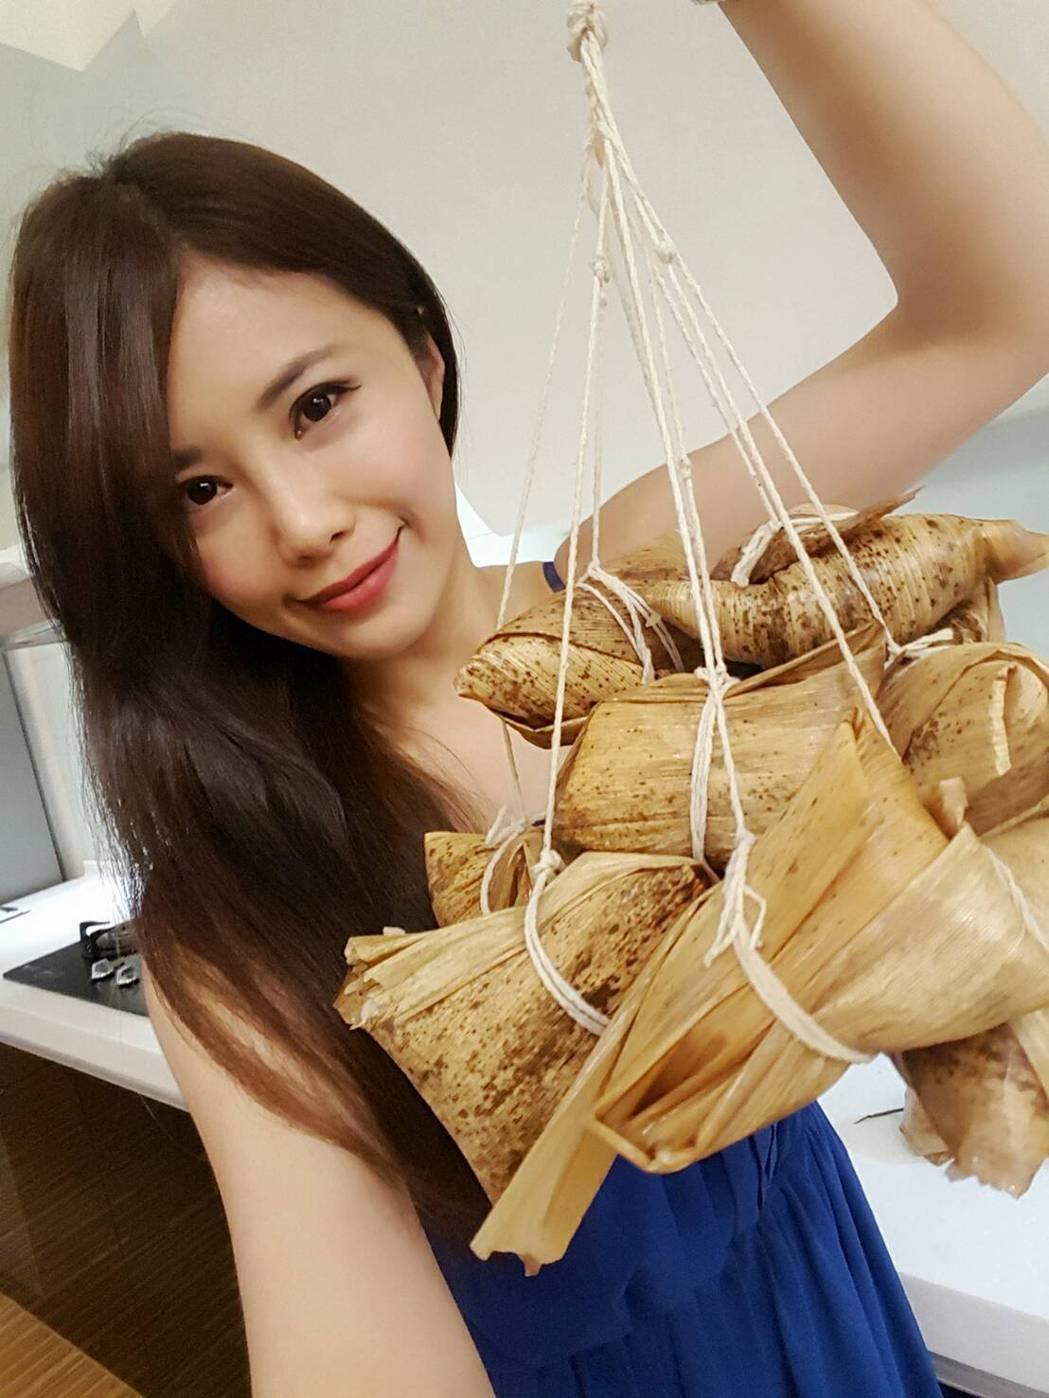 華視美女主播宋燕旻廚藝精湛。圖/宋燕旻提供